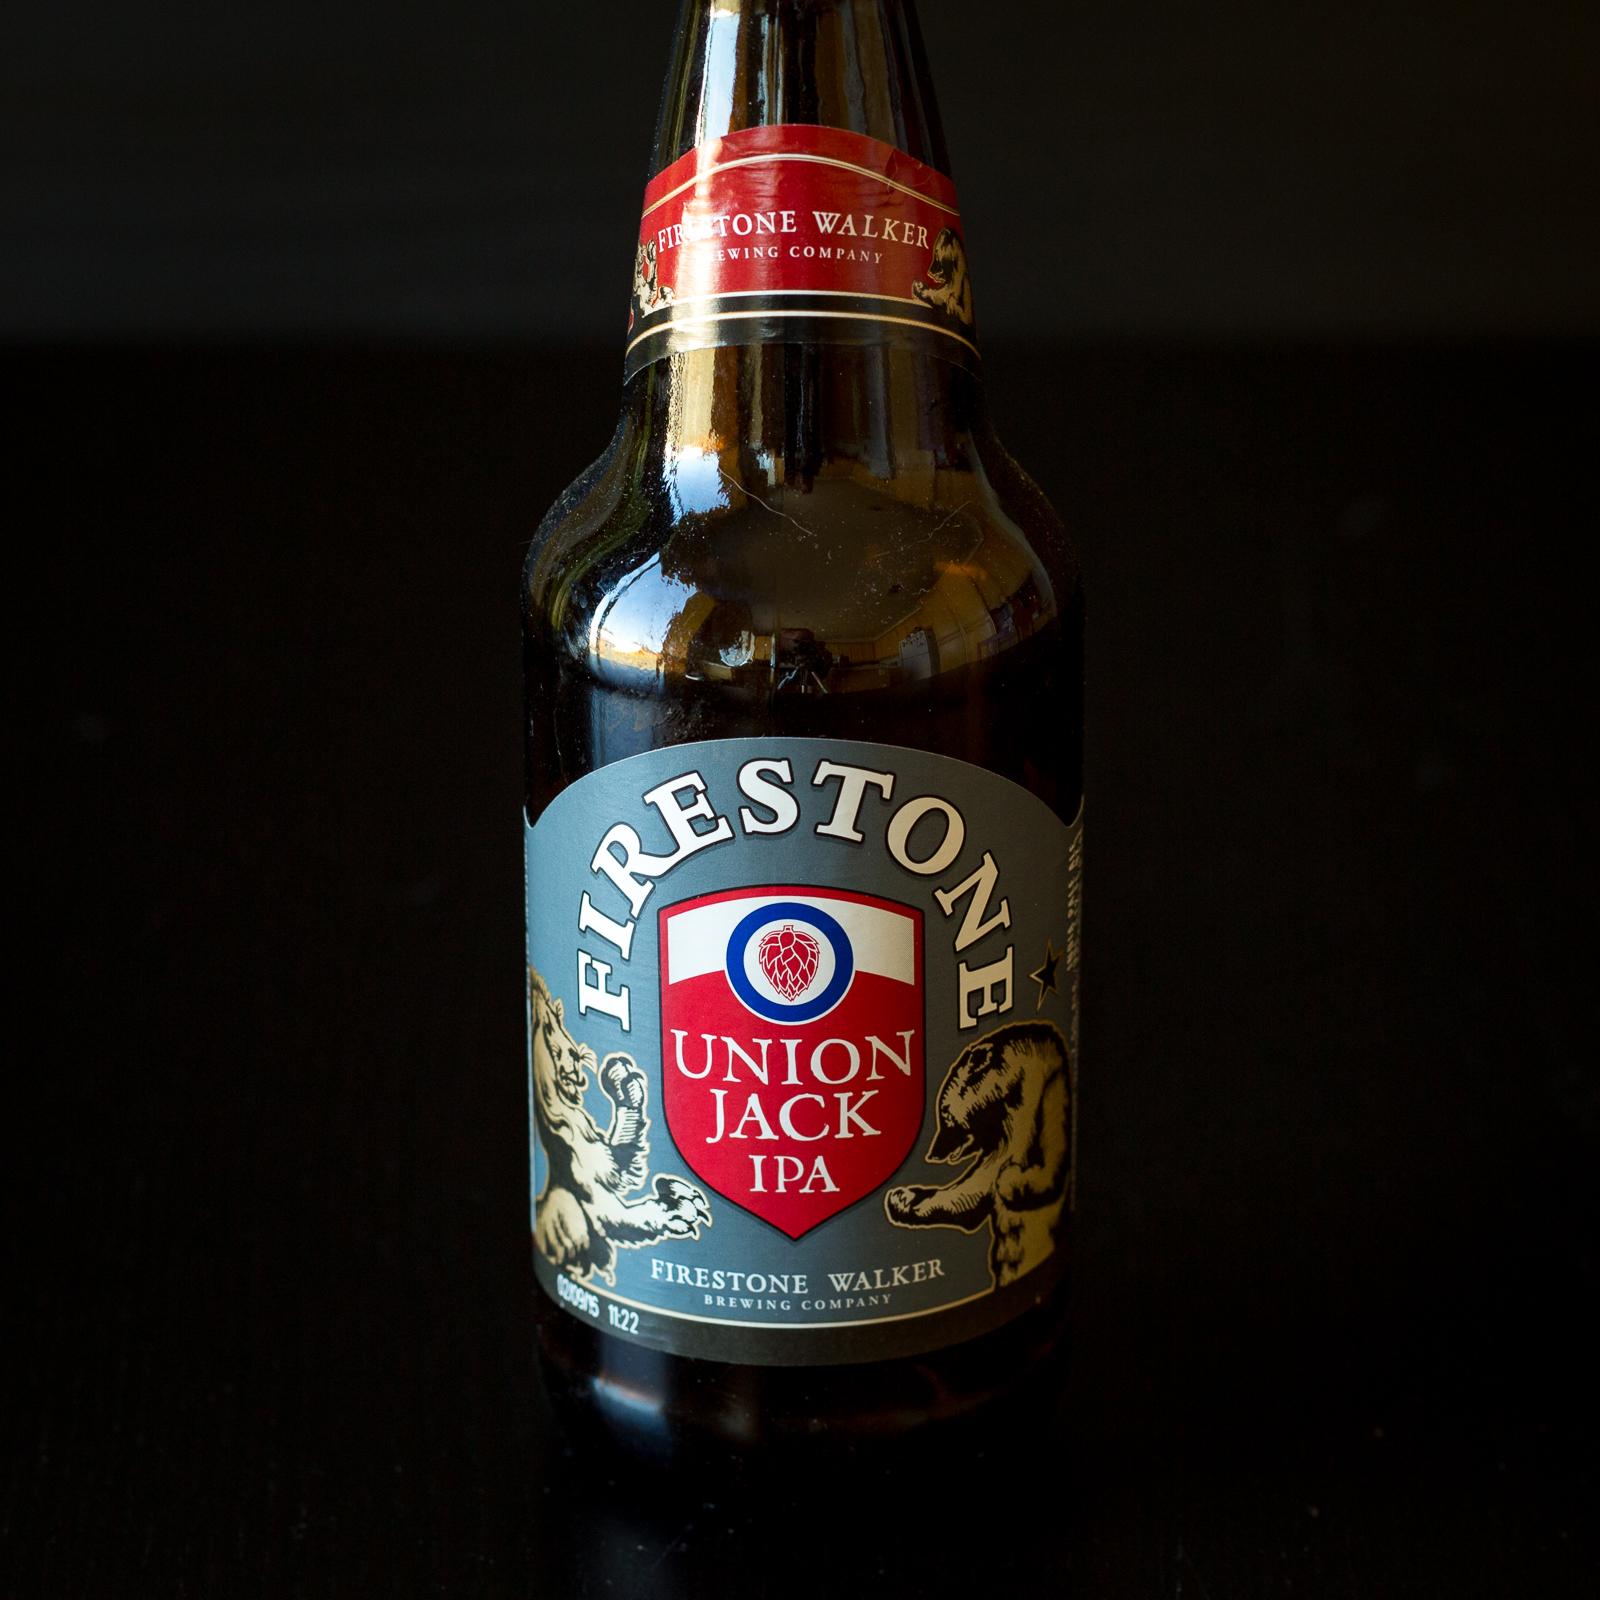 Firestone Walker Brewing Company - Union Jack IPA